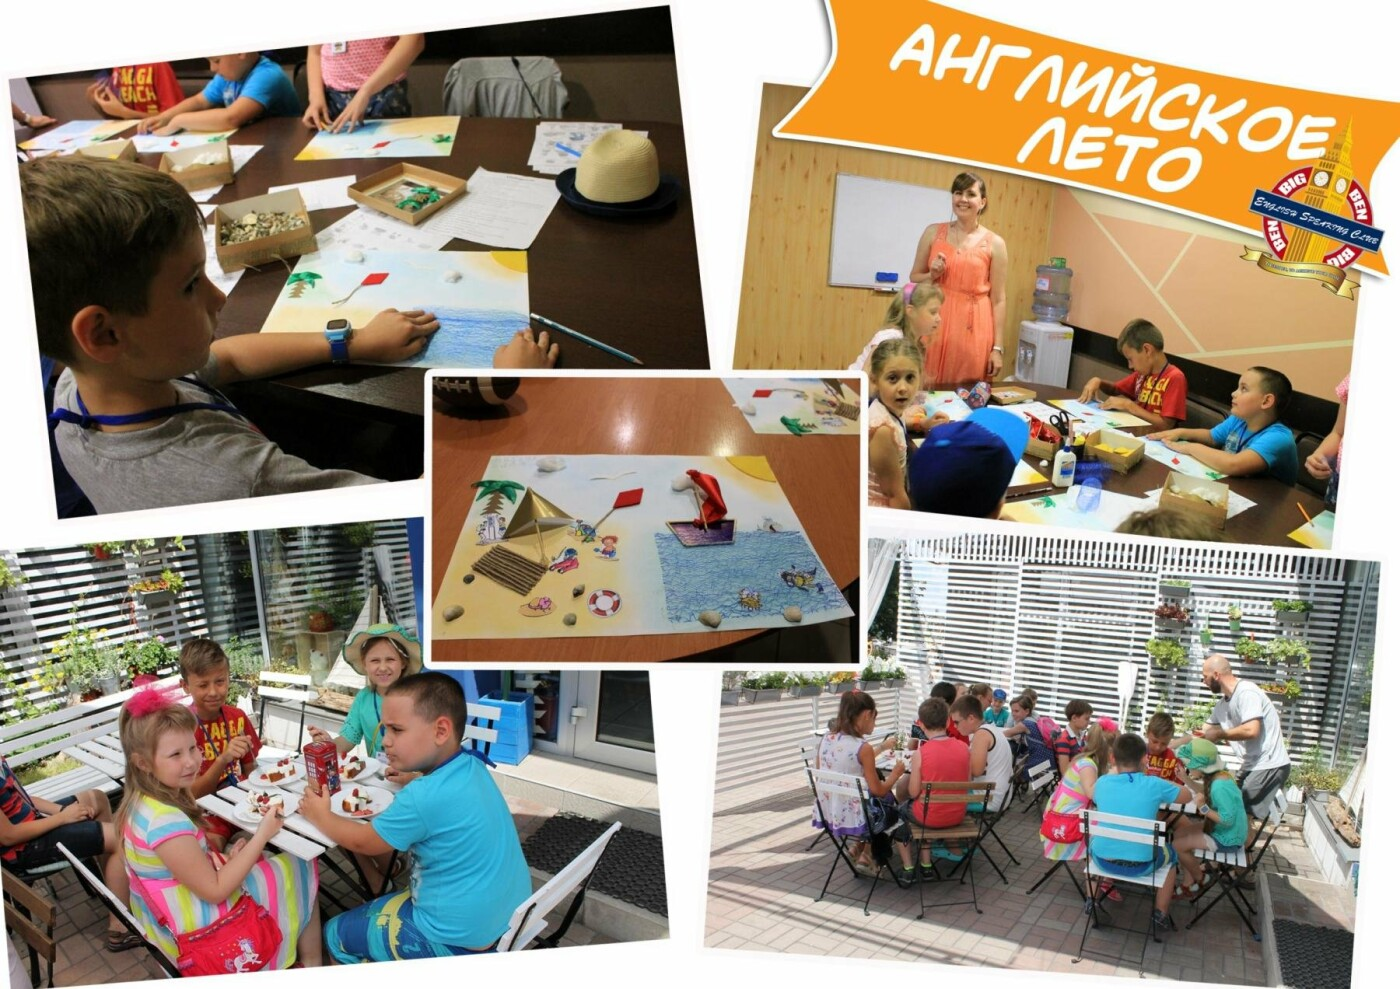 Летний лагерь для детей с английским уклоном: в Мариуполе и в Полтавской области, фото-2